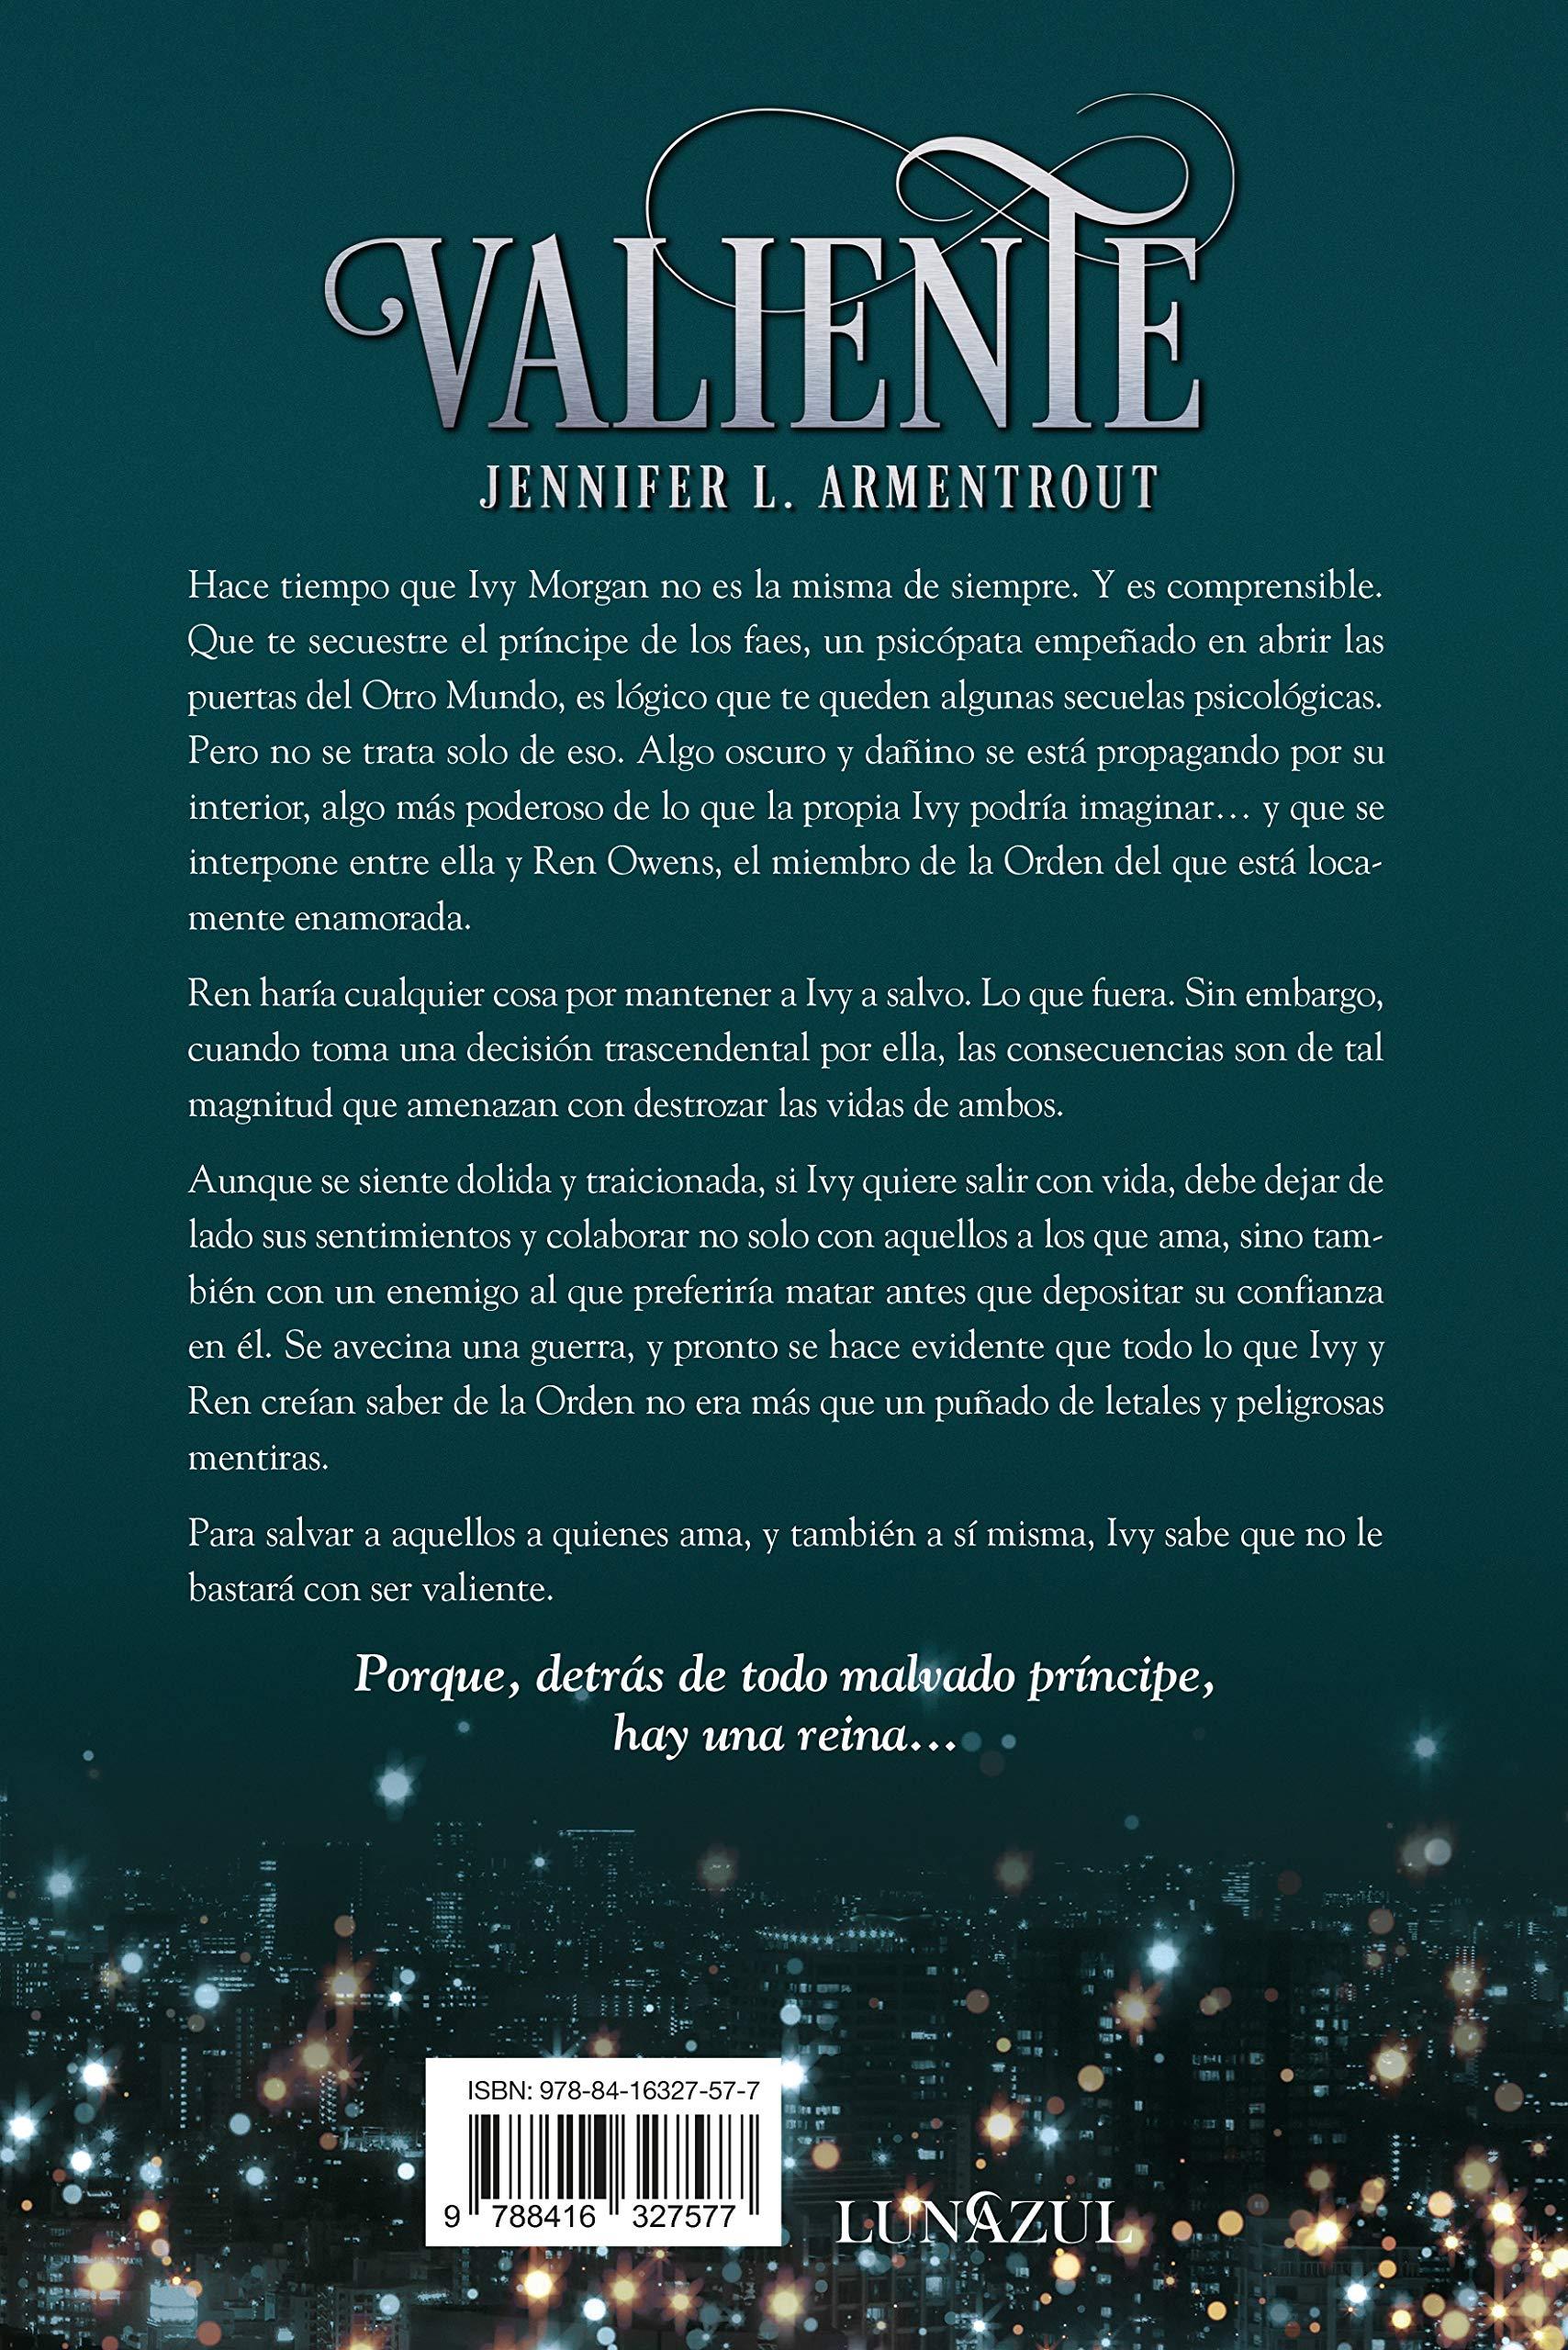 Valiente (Titania luna azul): Amazon.es: ARMENTROUT, JENNIFER ...